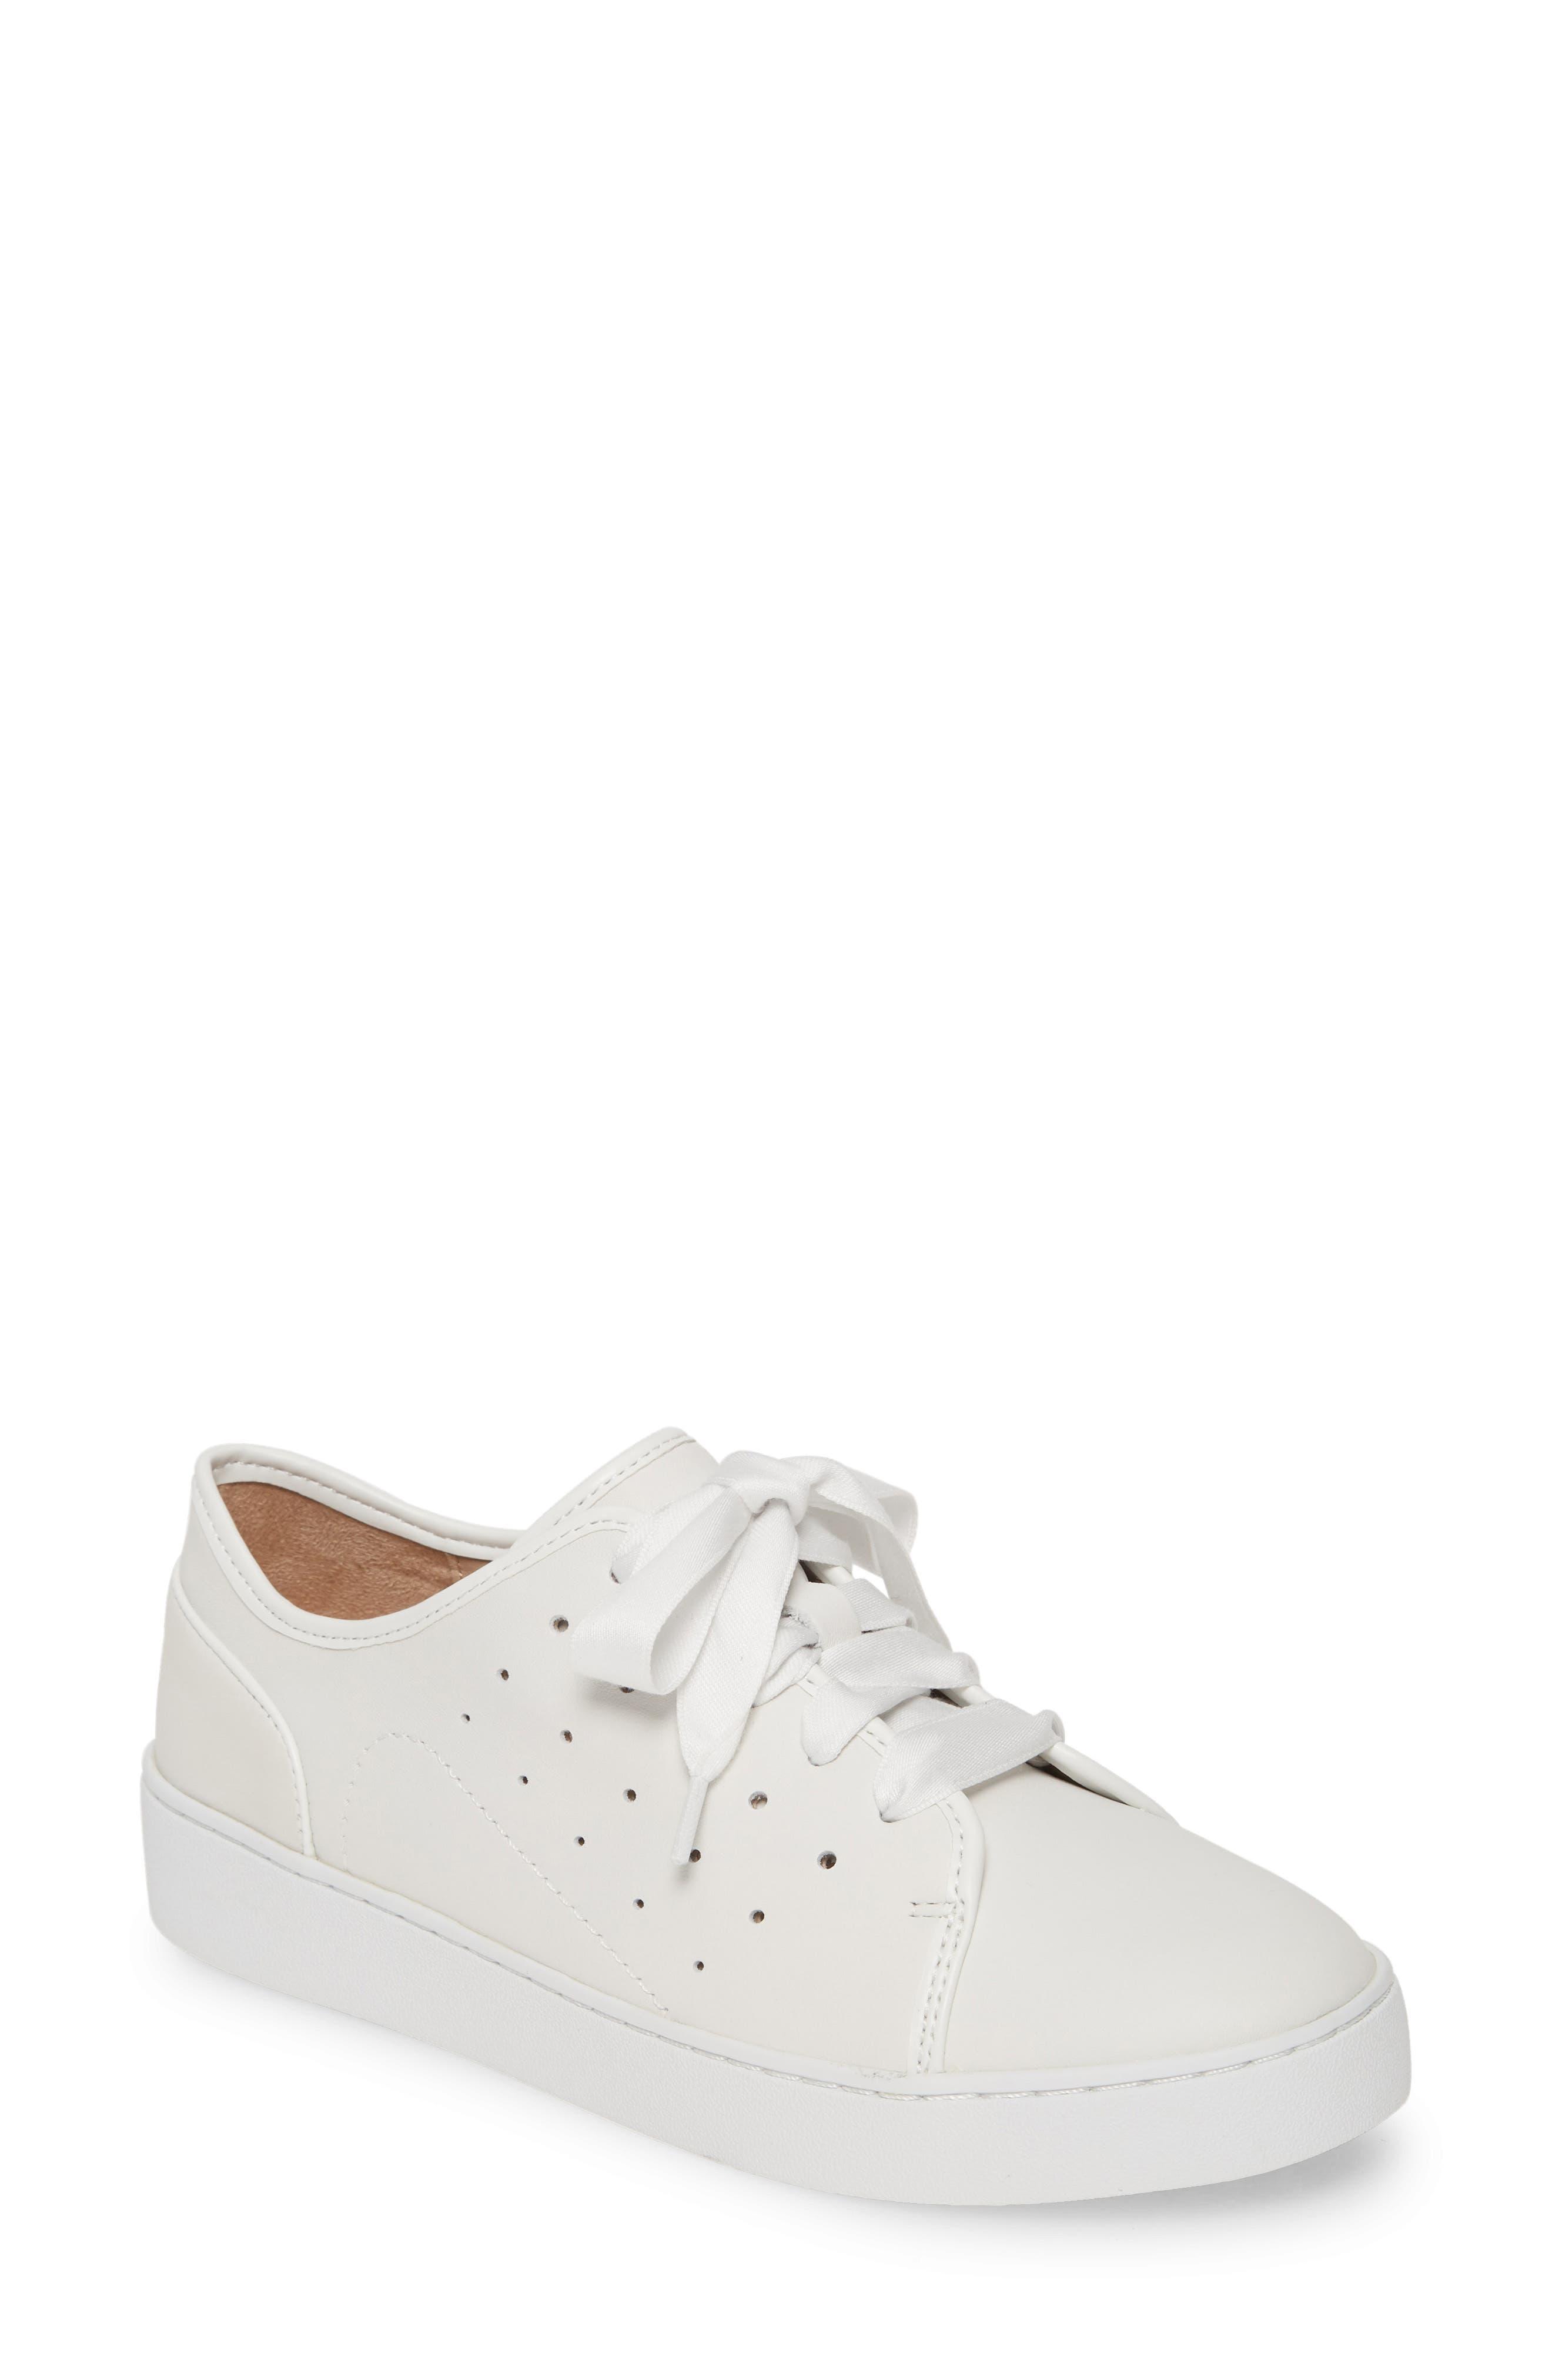 Vionic Keke Sneaker, White